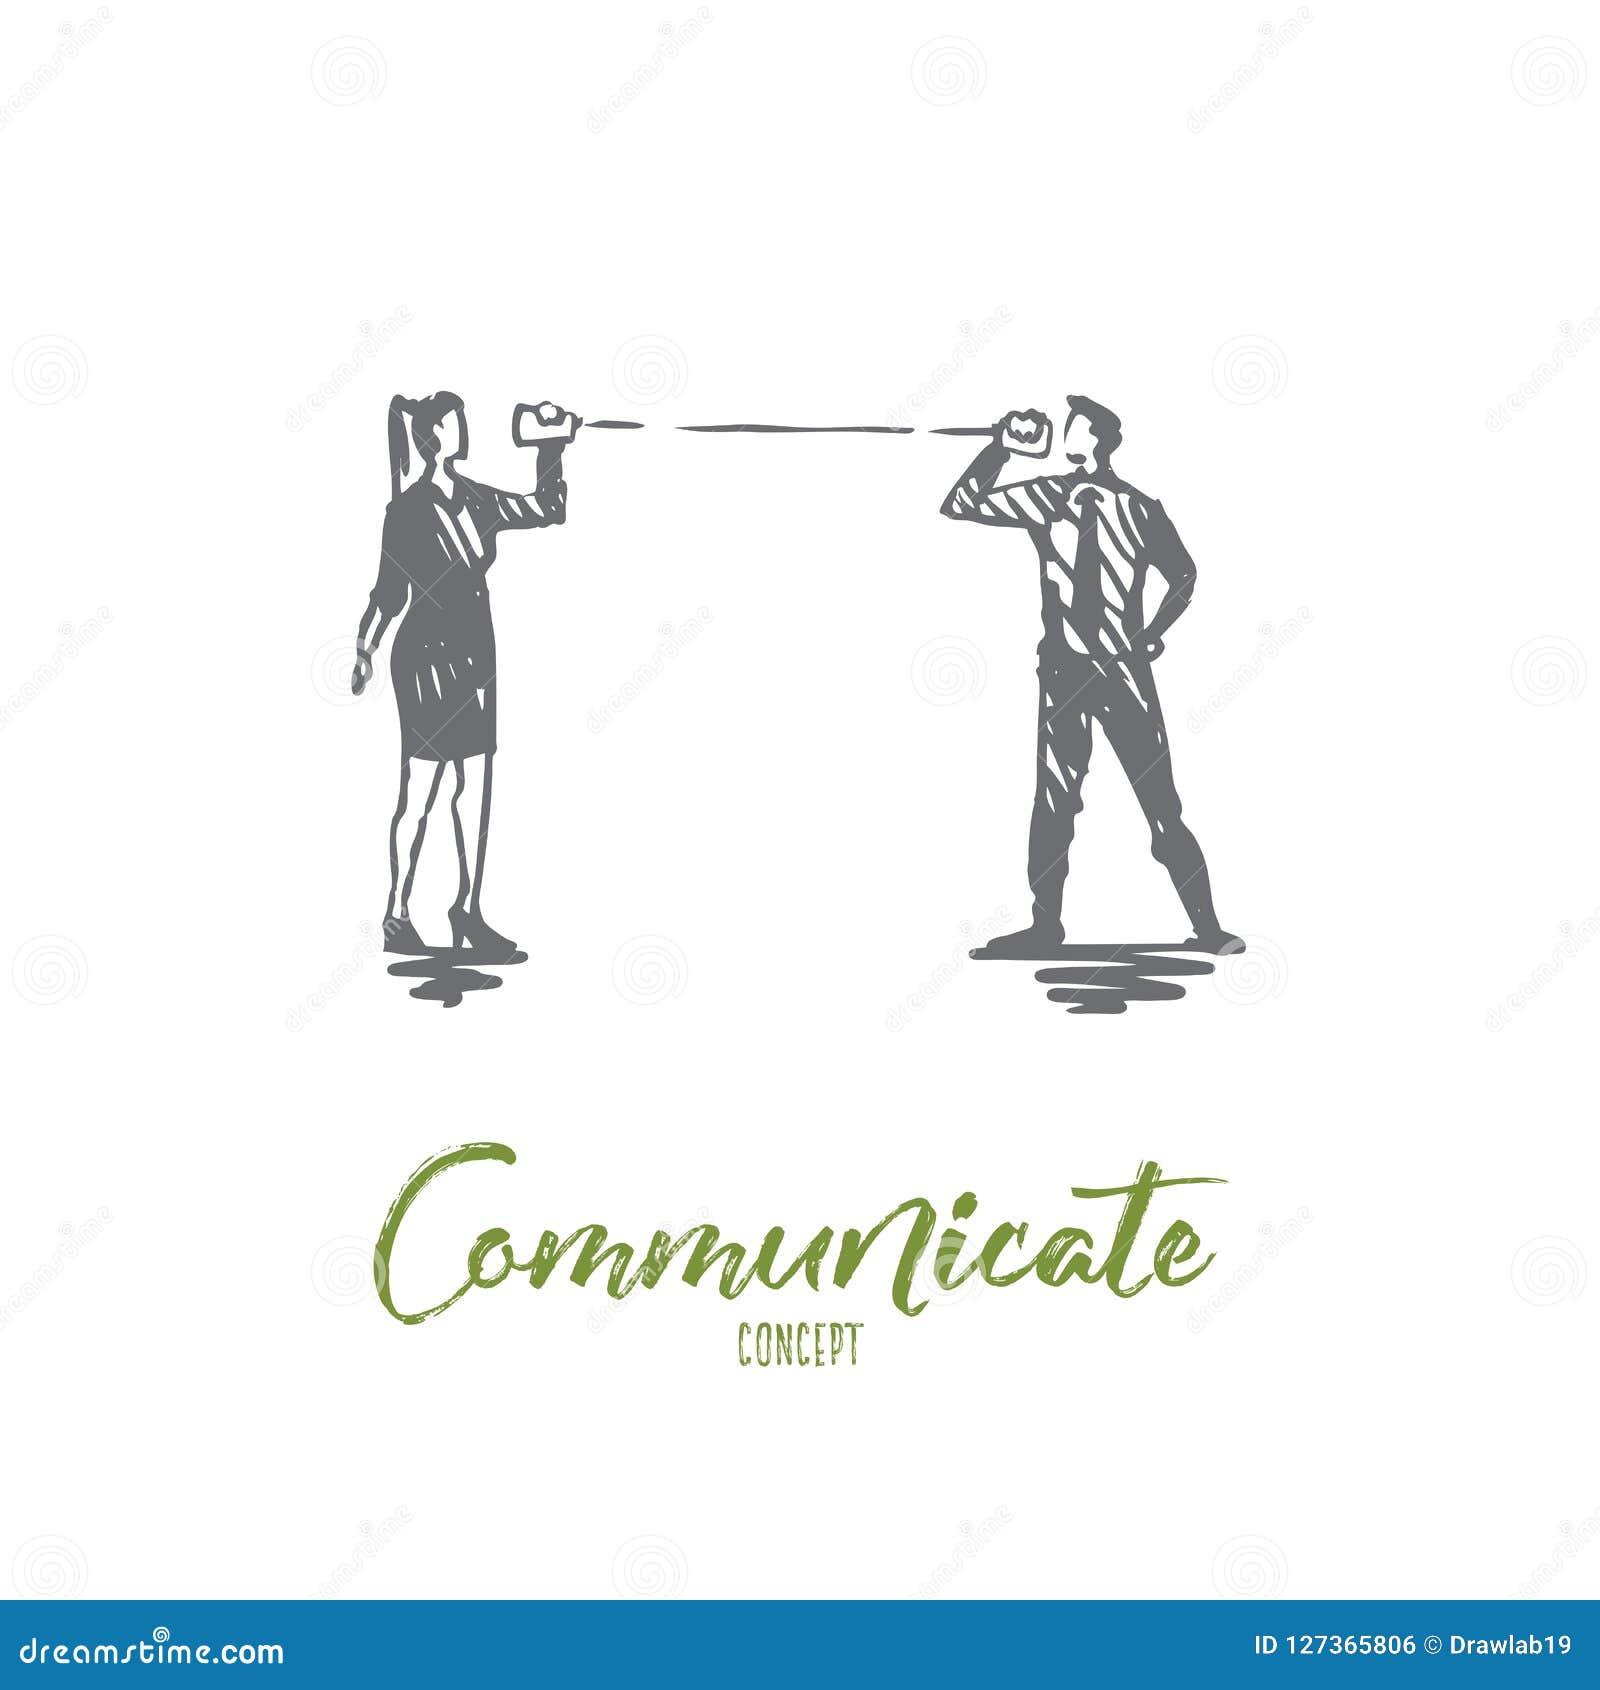 Comunique-se, fale-se, povos, discurso, conceito da conversação Vetor isolado tirado mão